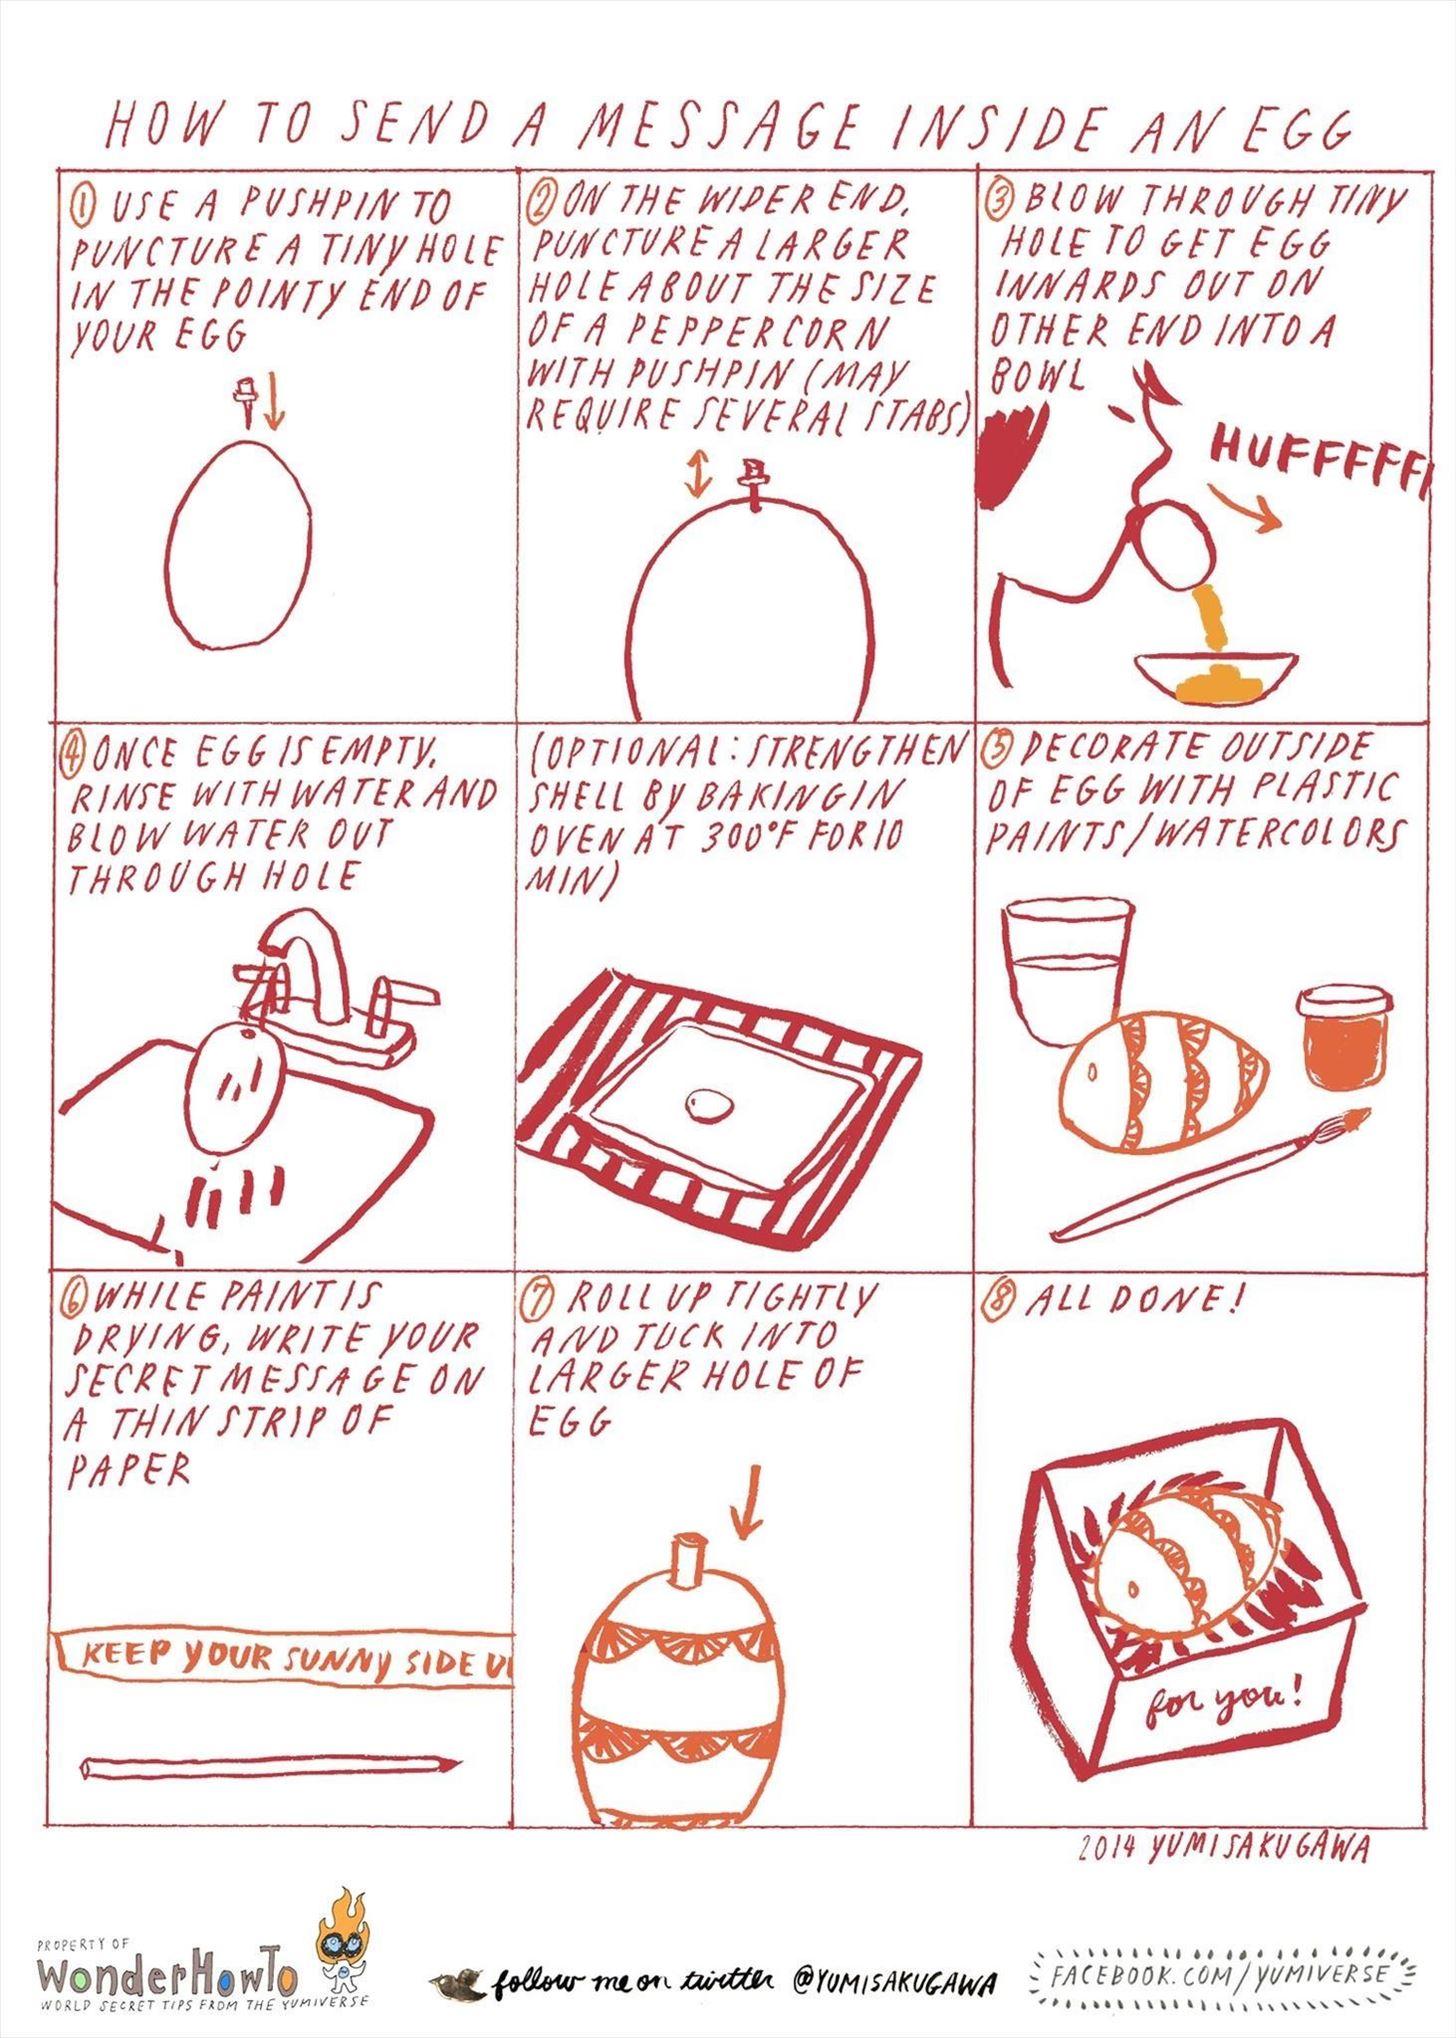 How to Send a Secret Message Inside an Egg